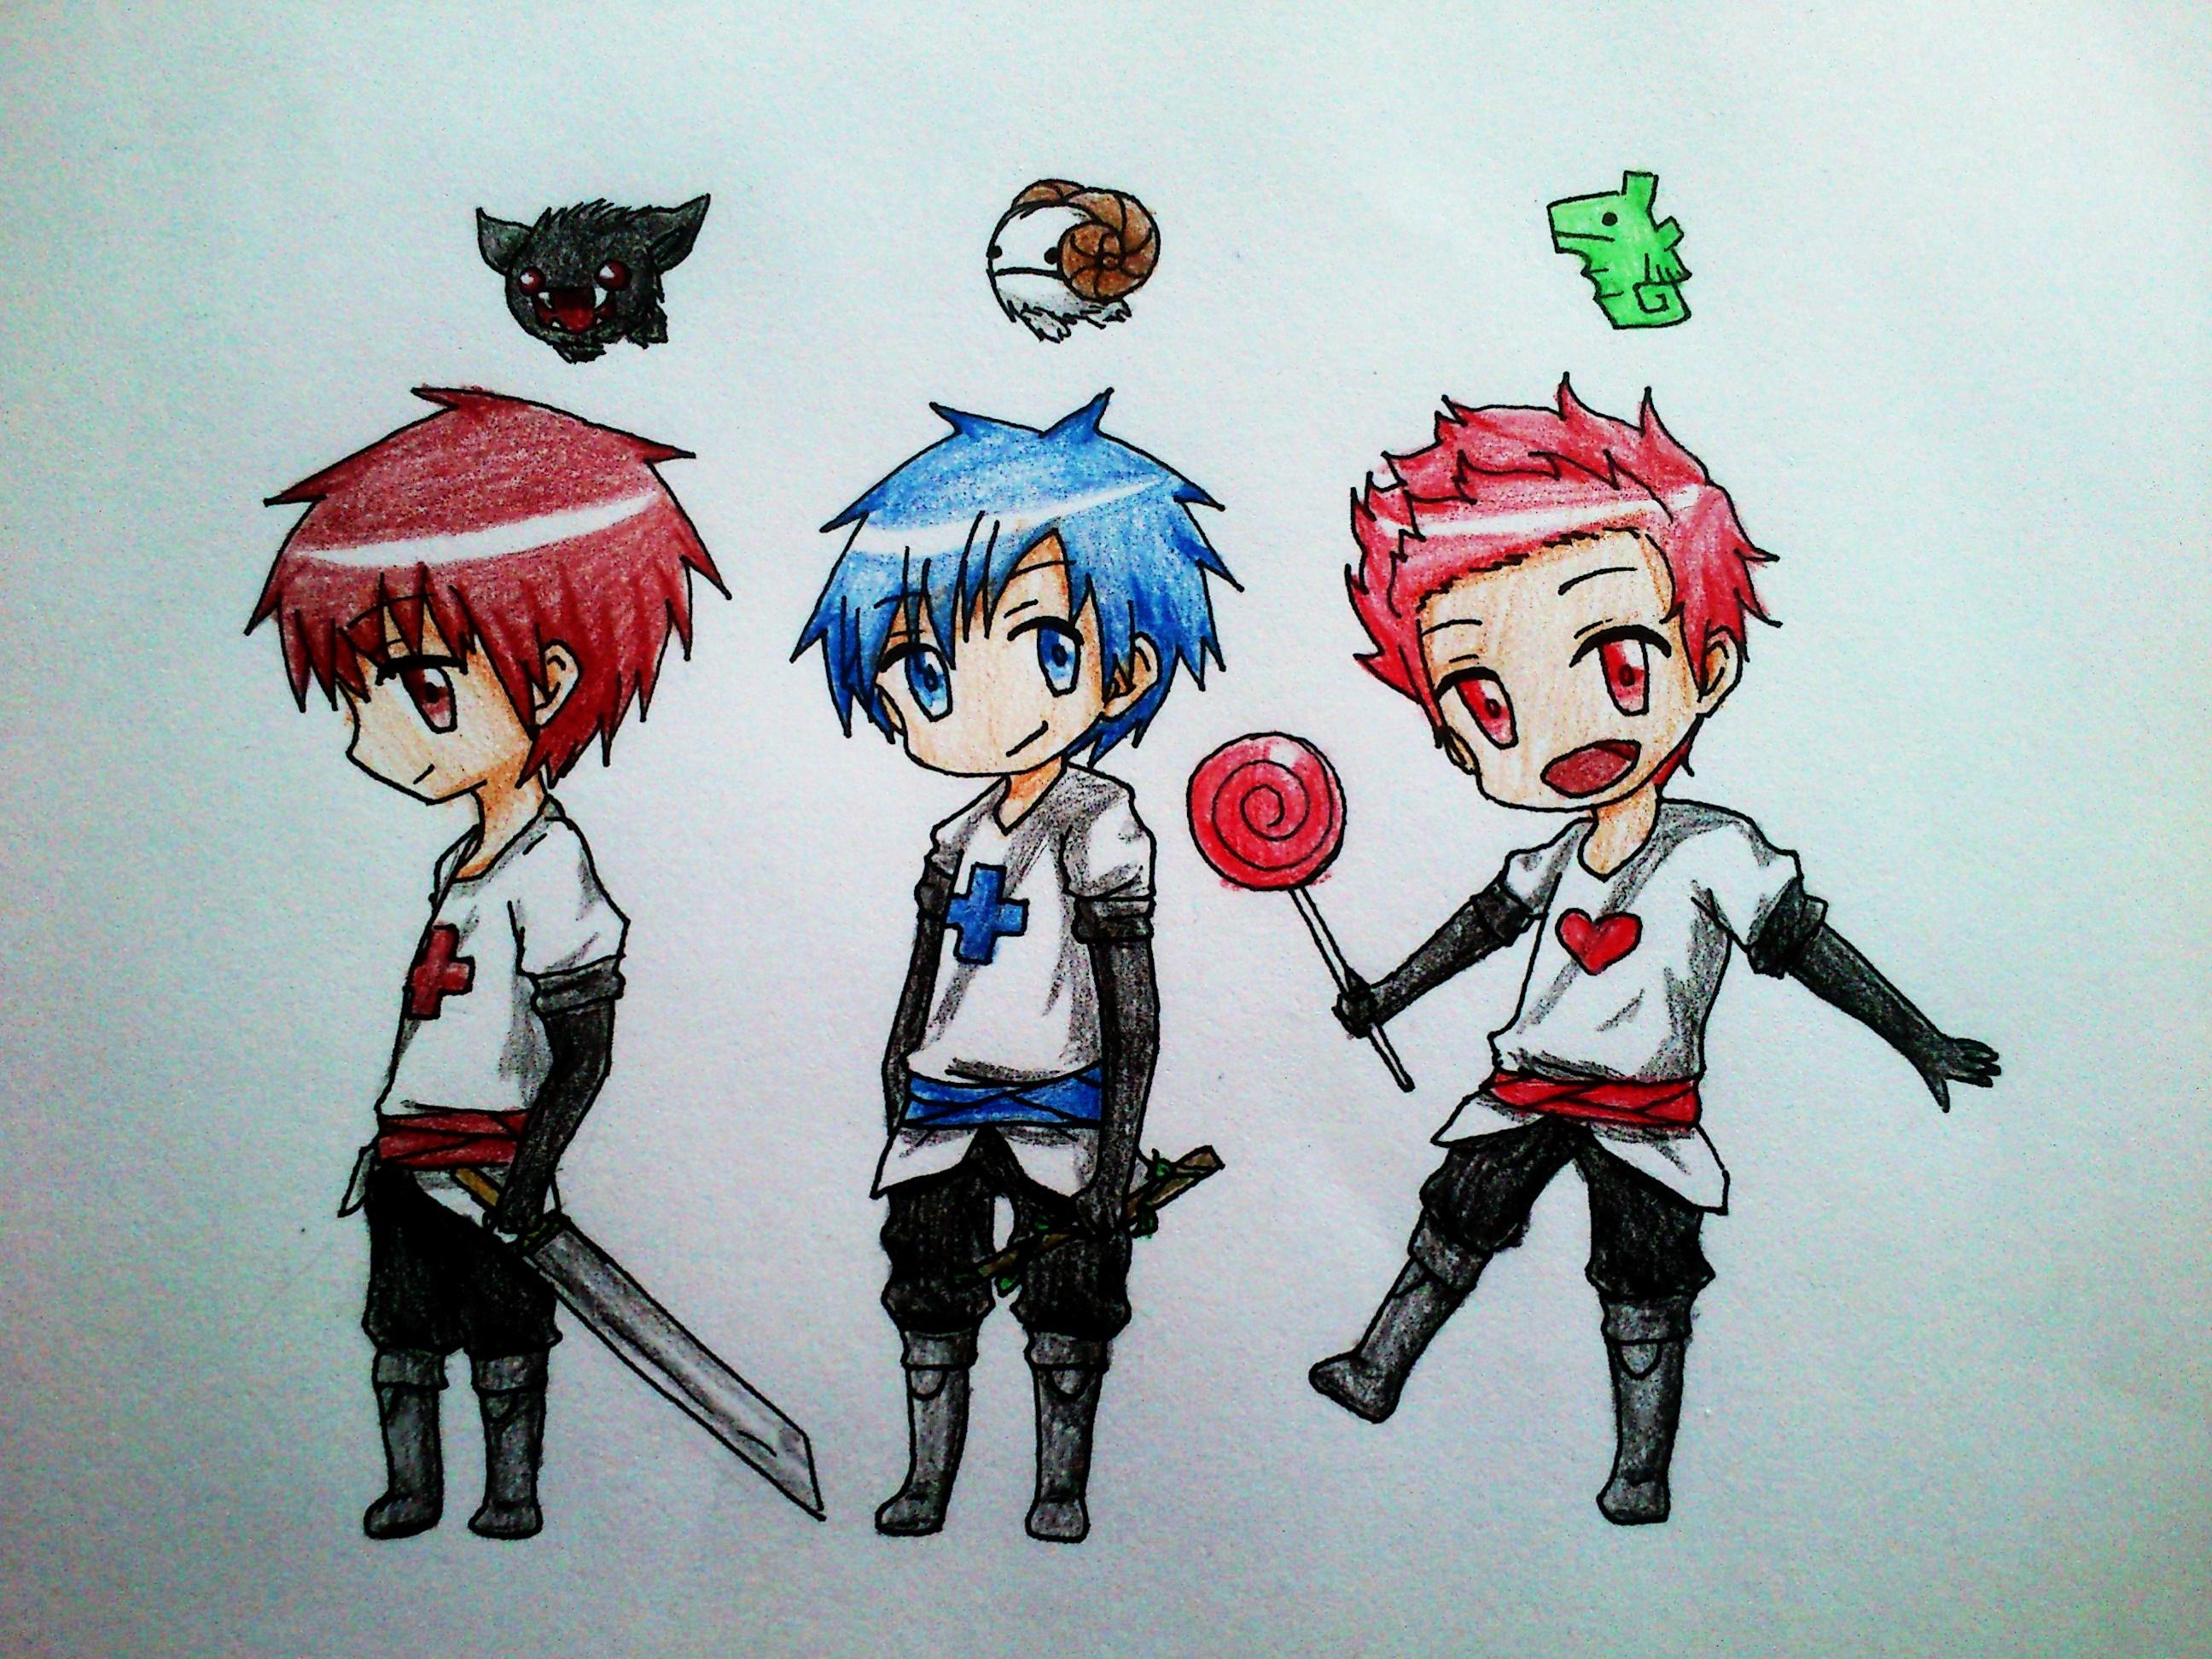 Castle crashers by freakydayo on deviantart - Castle crashers anime ...